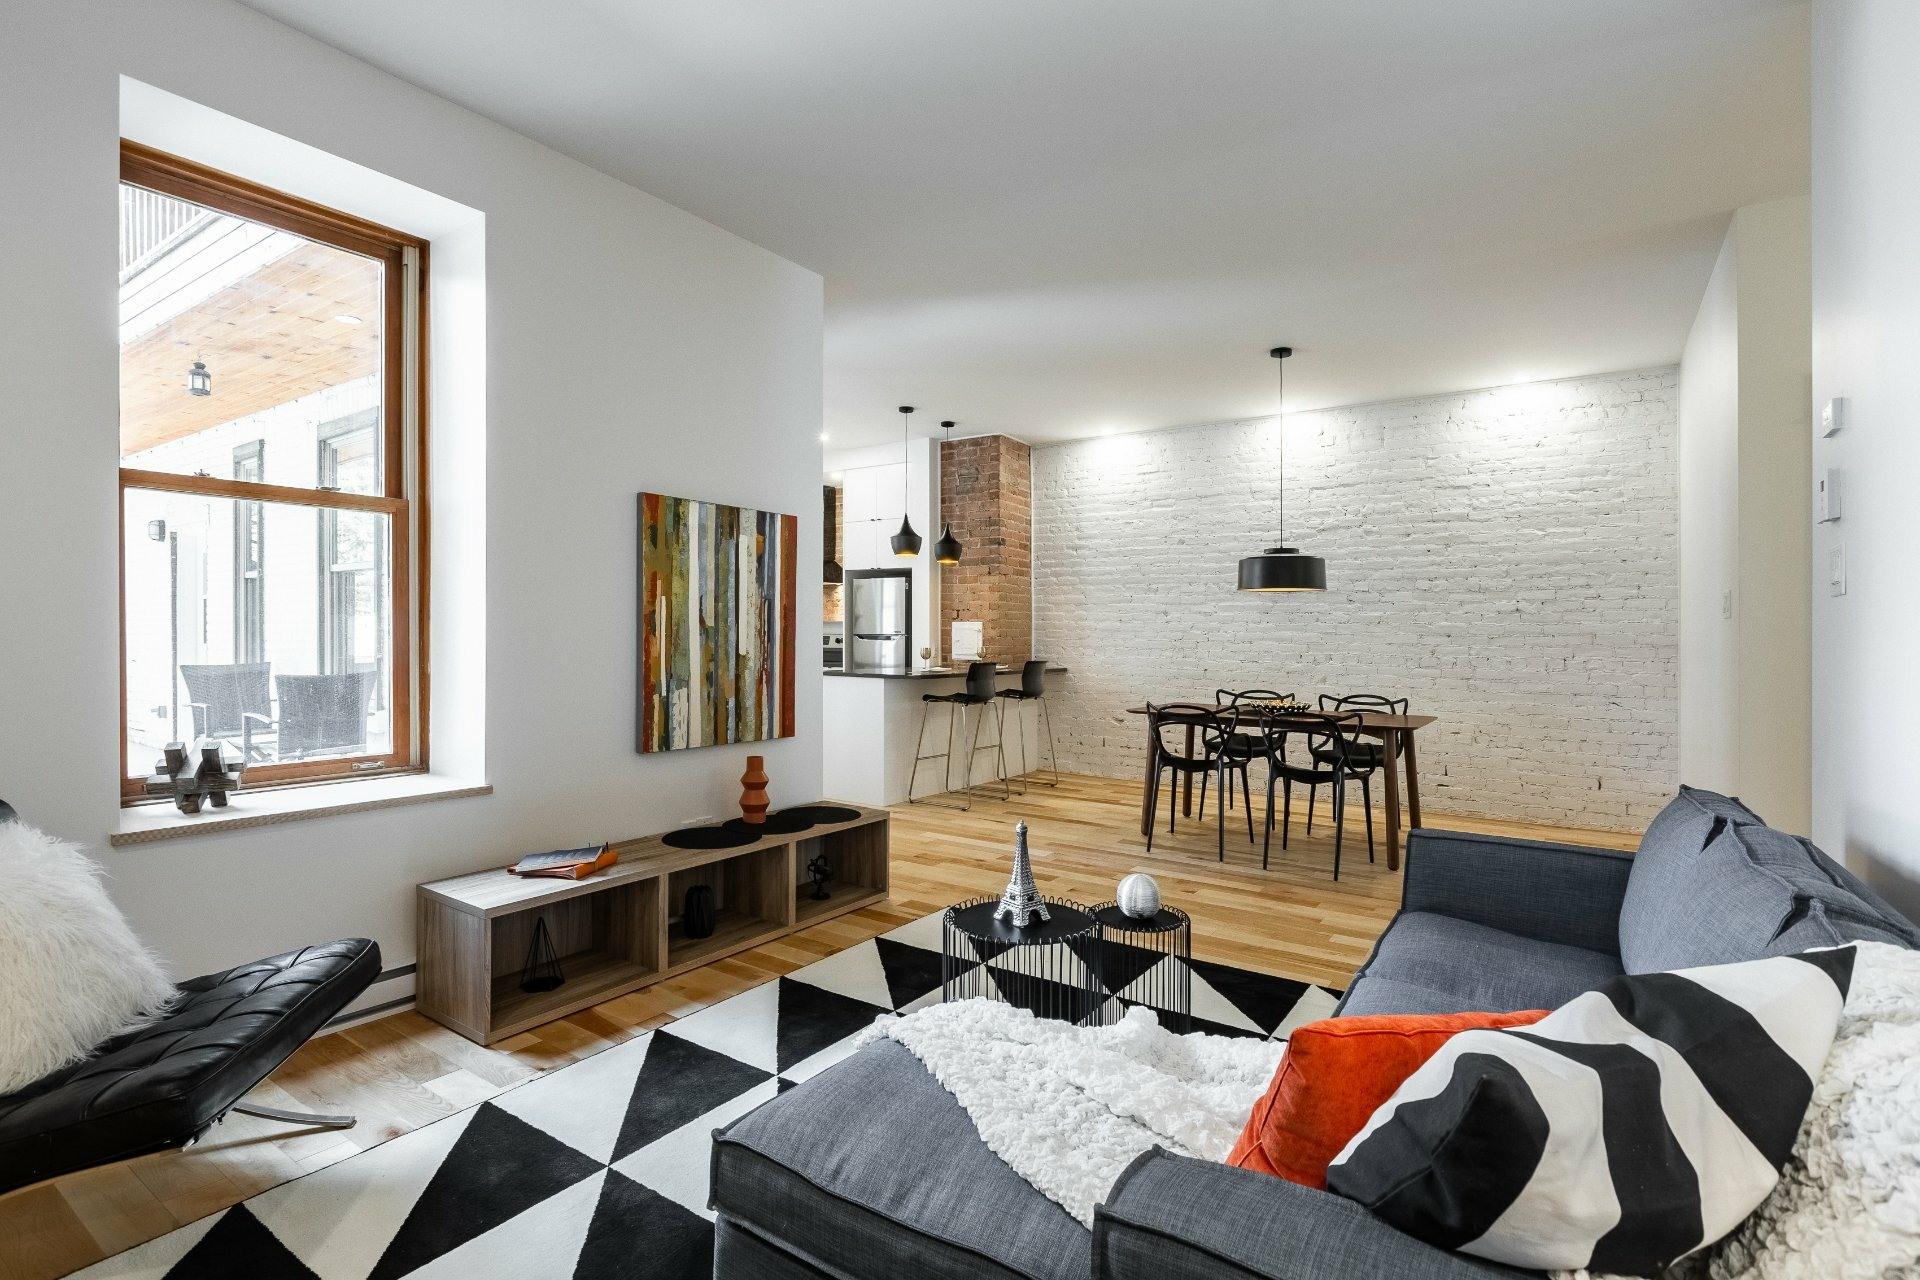 image 1 - Appartement À louer Montréal Le Plateau-Mont-Royal  - 9 pièces